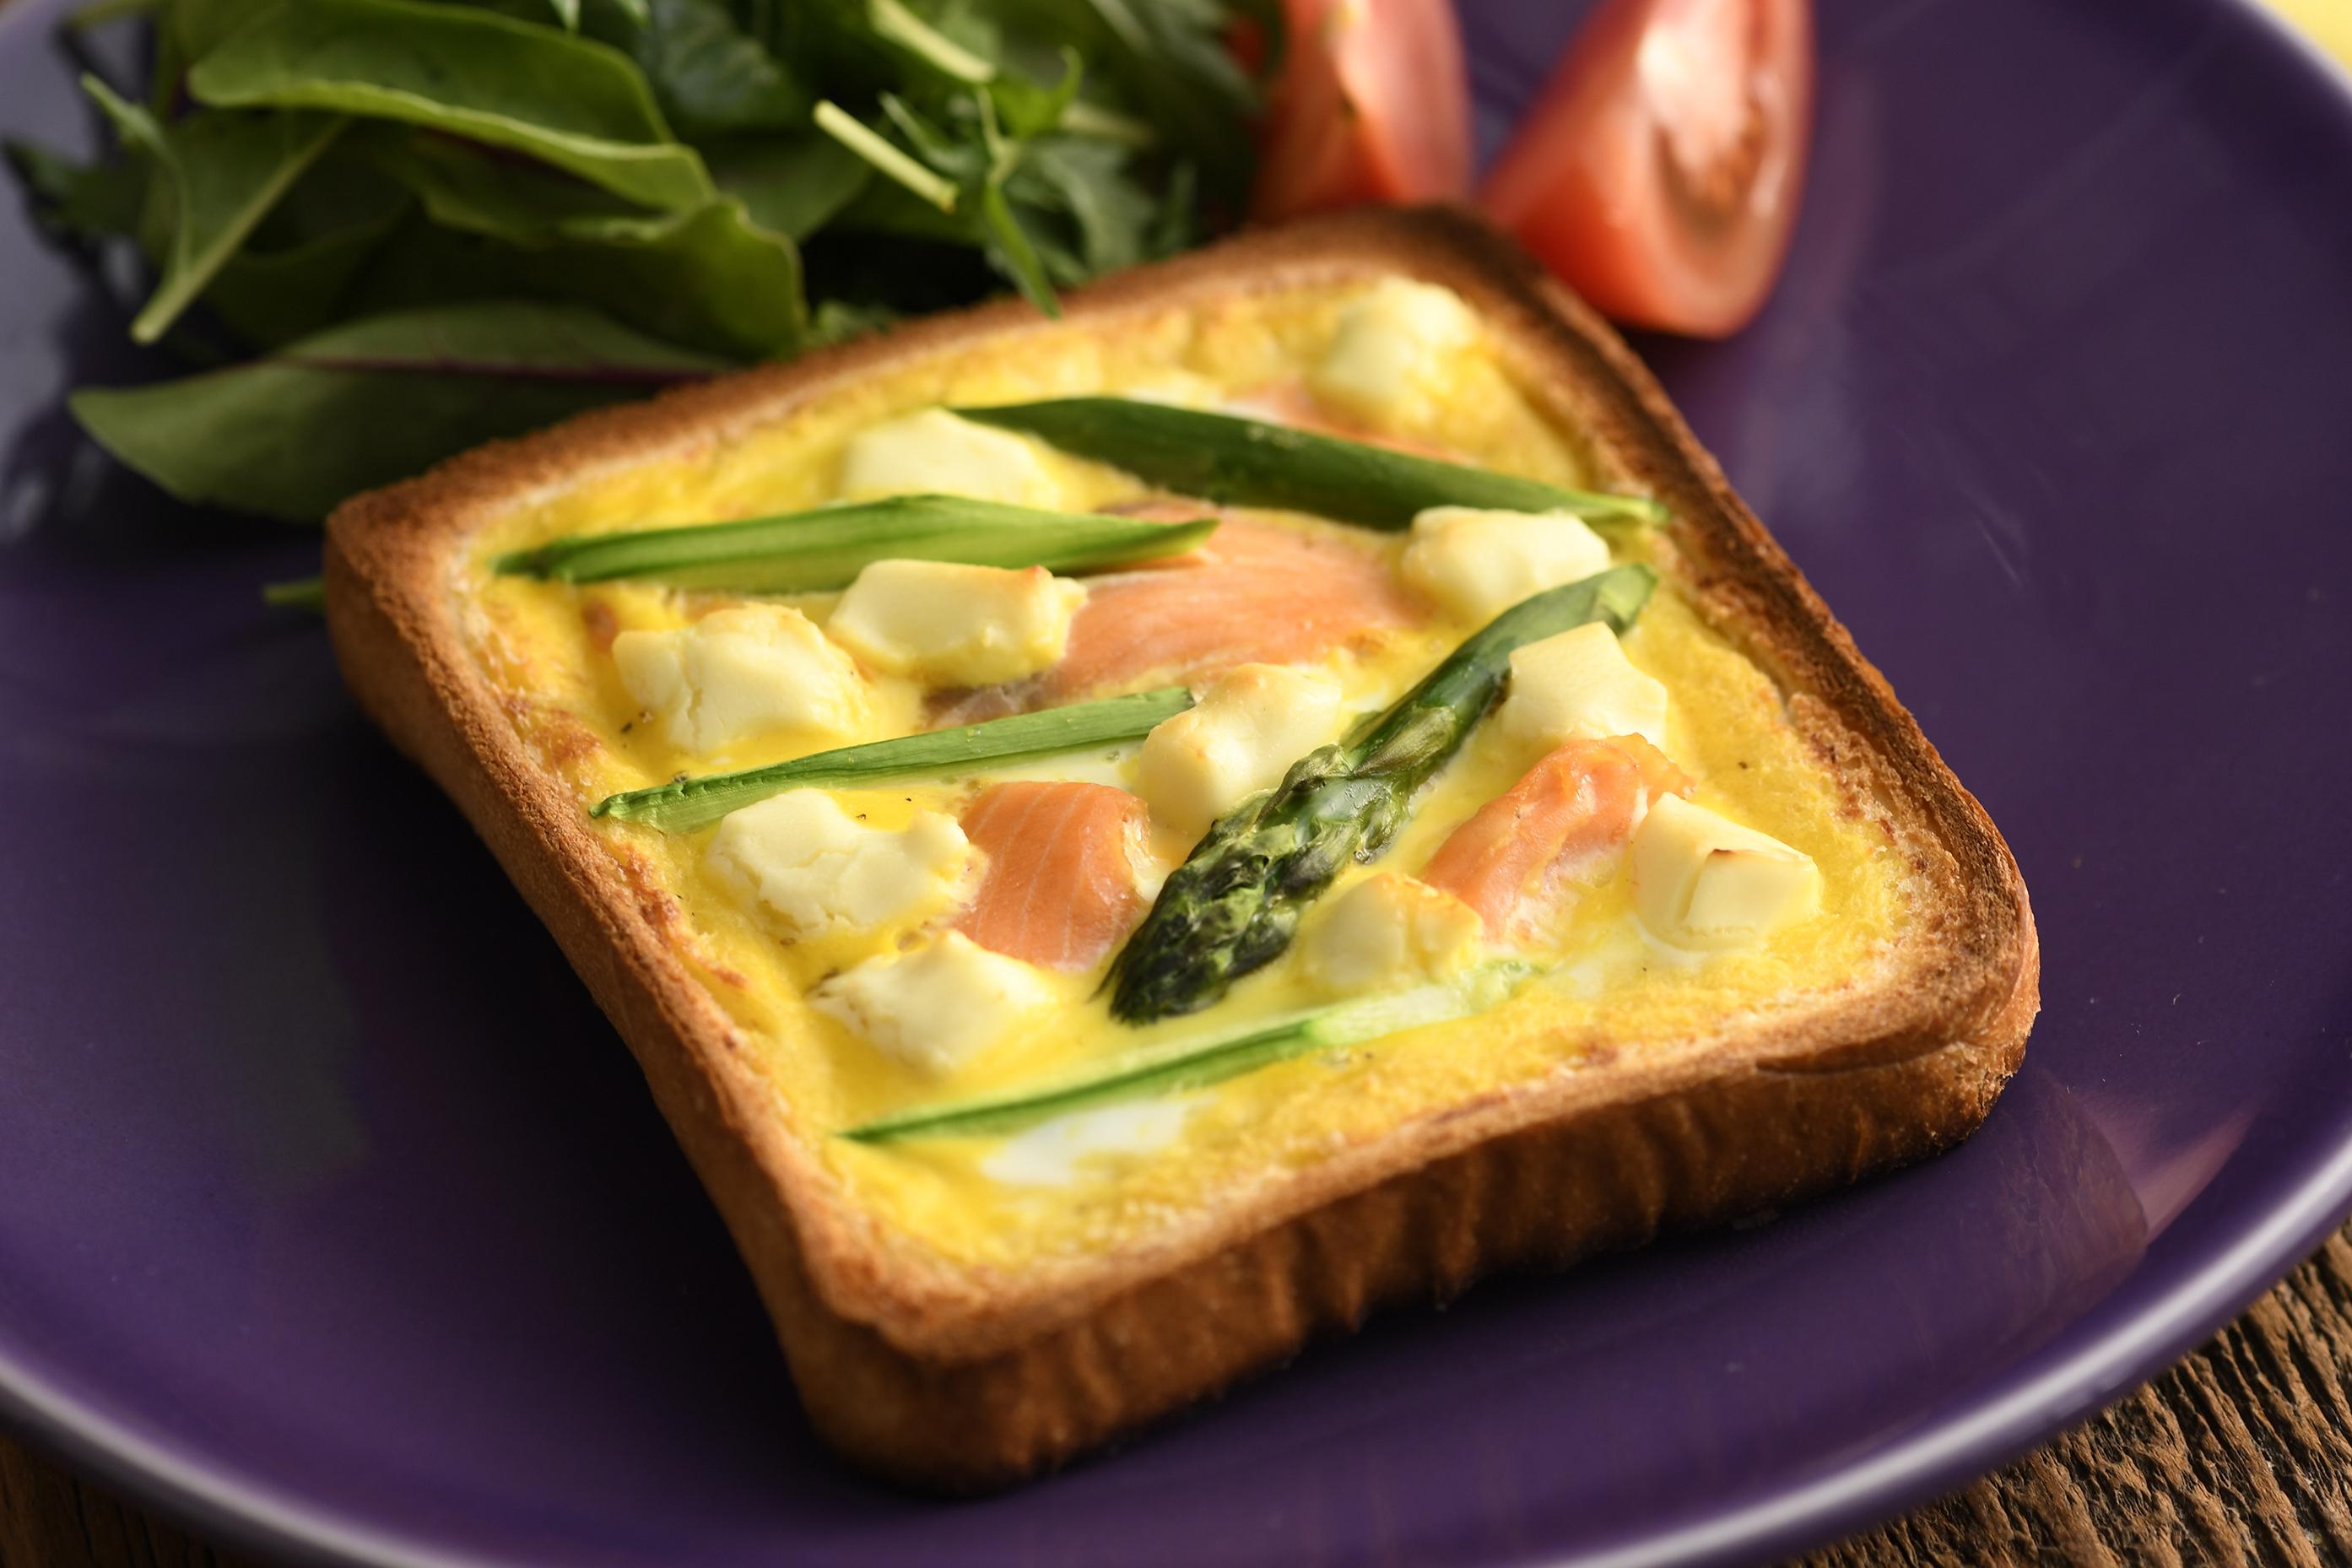 食パンに流し込むだけ! 簡単、おしゃれな「キッシュトースト」 [Spooonn!]